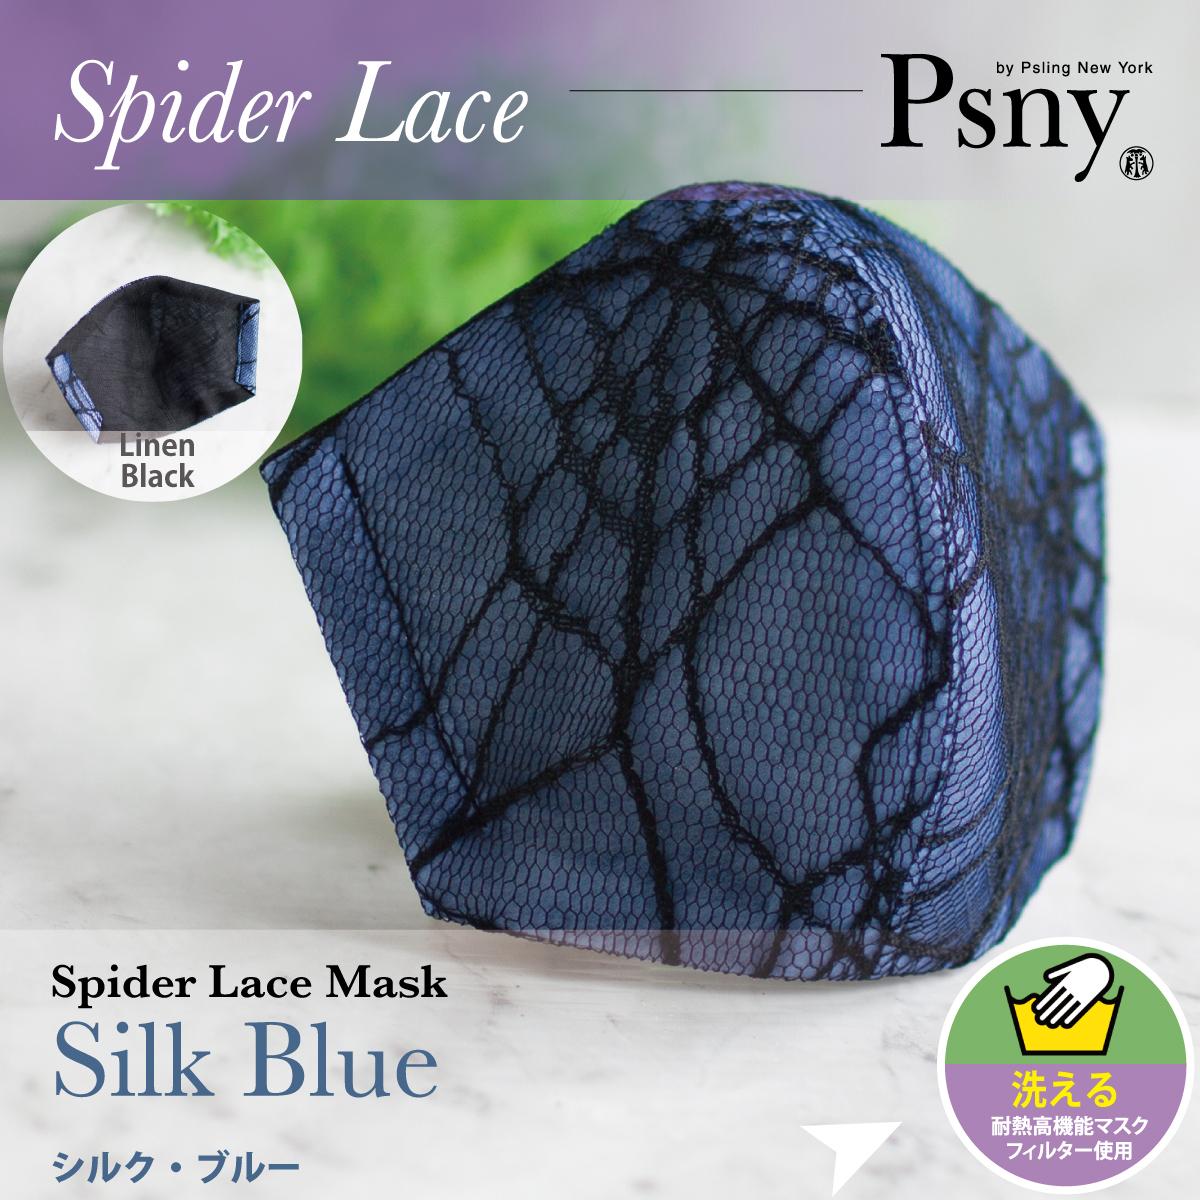 PSNY スパイダー レース・ブルー・シルクシフォン 花粉 黄砂 洗える不織布フィルター入り 立体 大人用 マスク 送料無料 L68